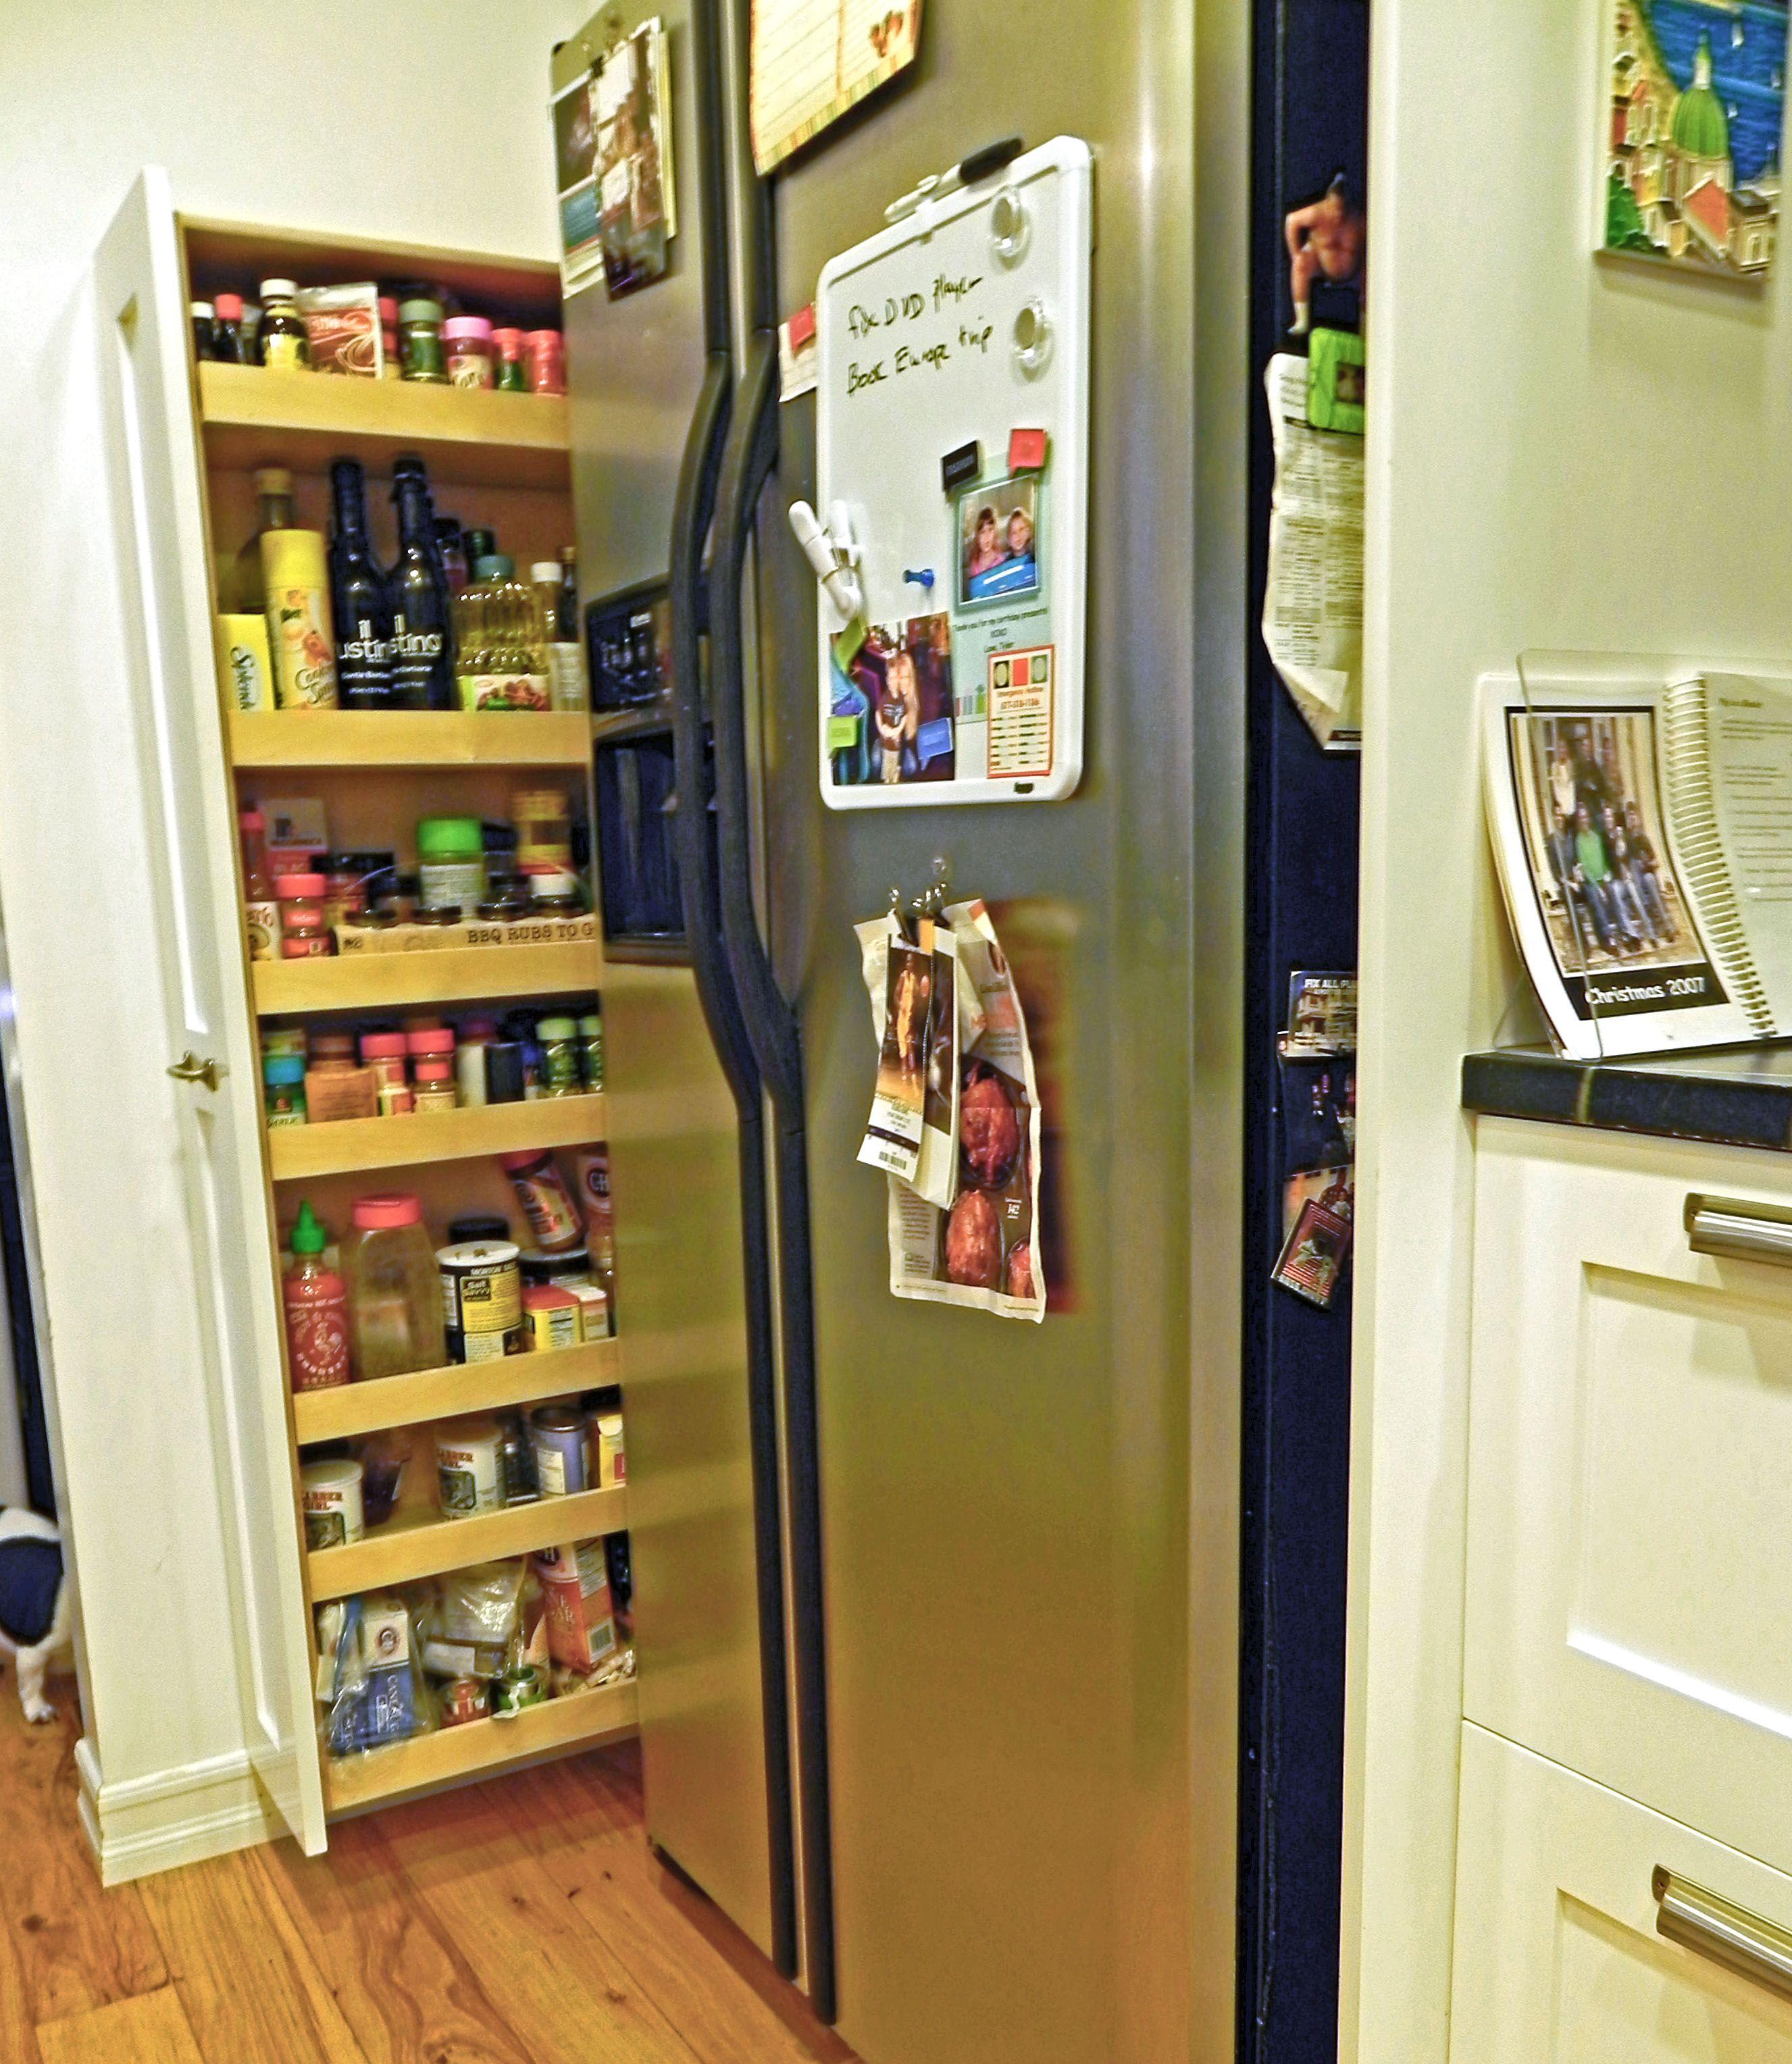 In Winzige Küche - Küchen | Hausmodelle | Pinterest | Küche zeichnen ...